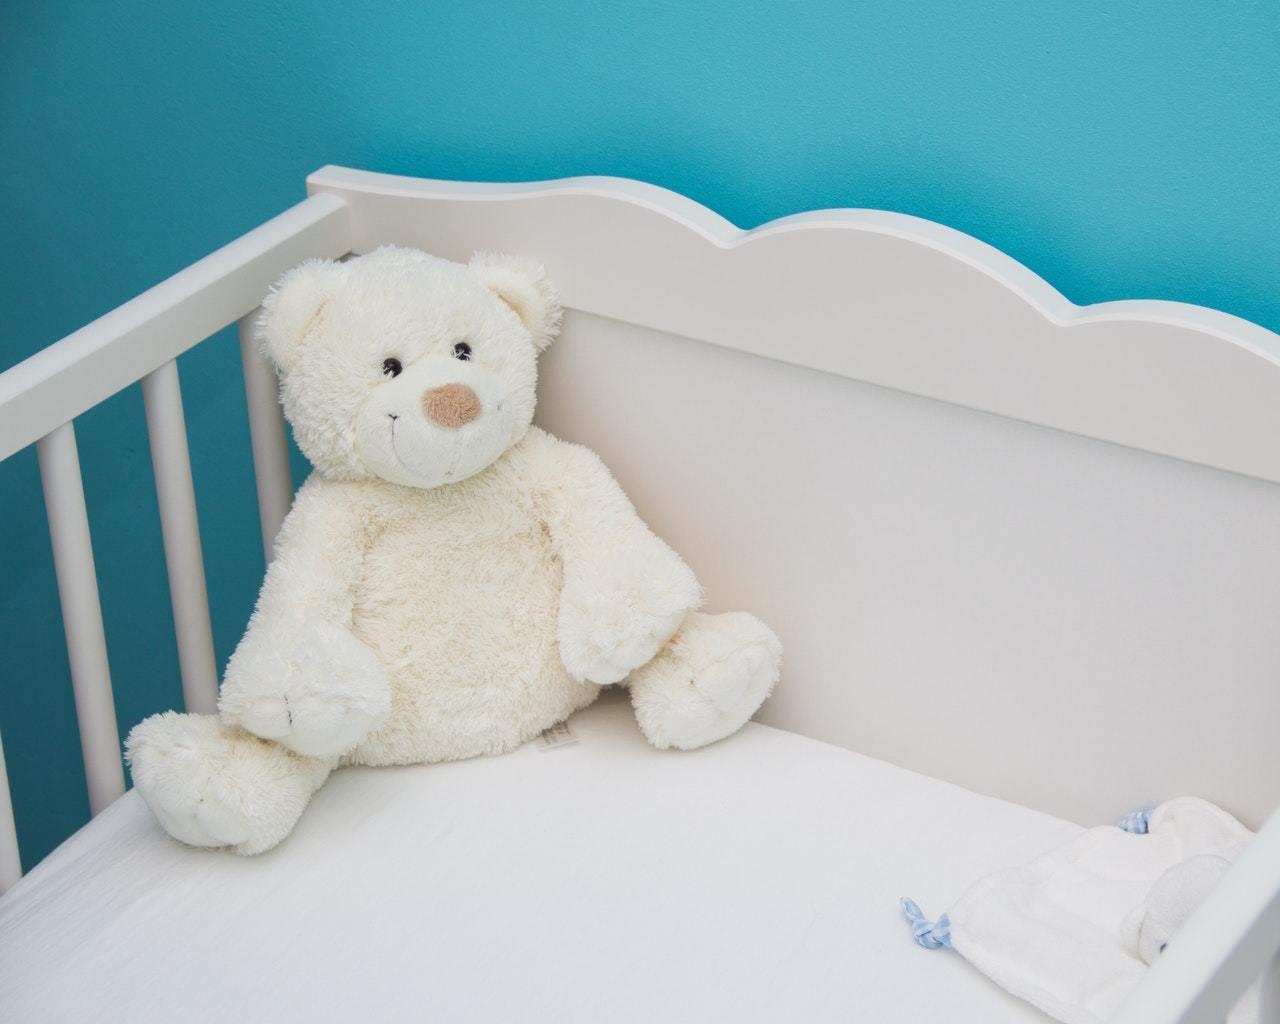 孩子不肯睡覺|2-4歲兒童情緒管理教學案例【孩童健康成長篇】|Kama Delivery到會外賣速遞服務